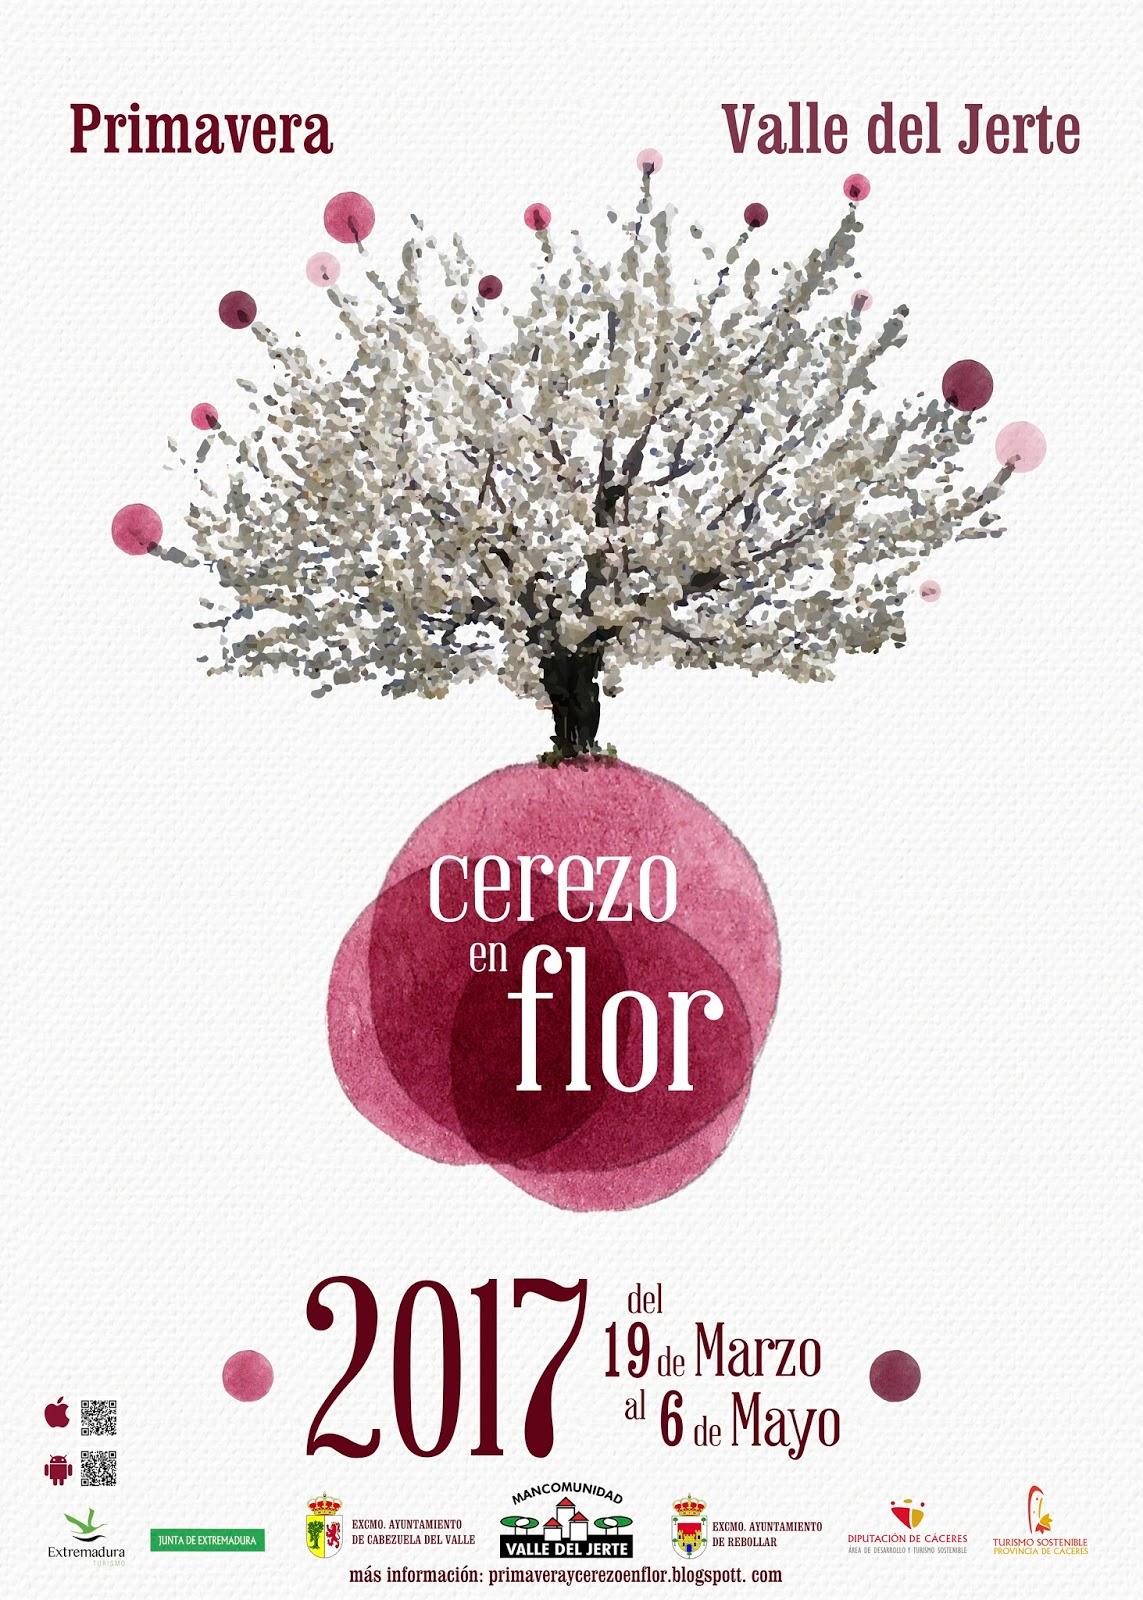 Cerezo en flor 2017 - Valle del jerte